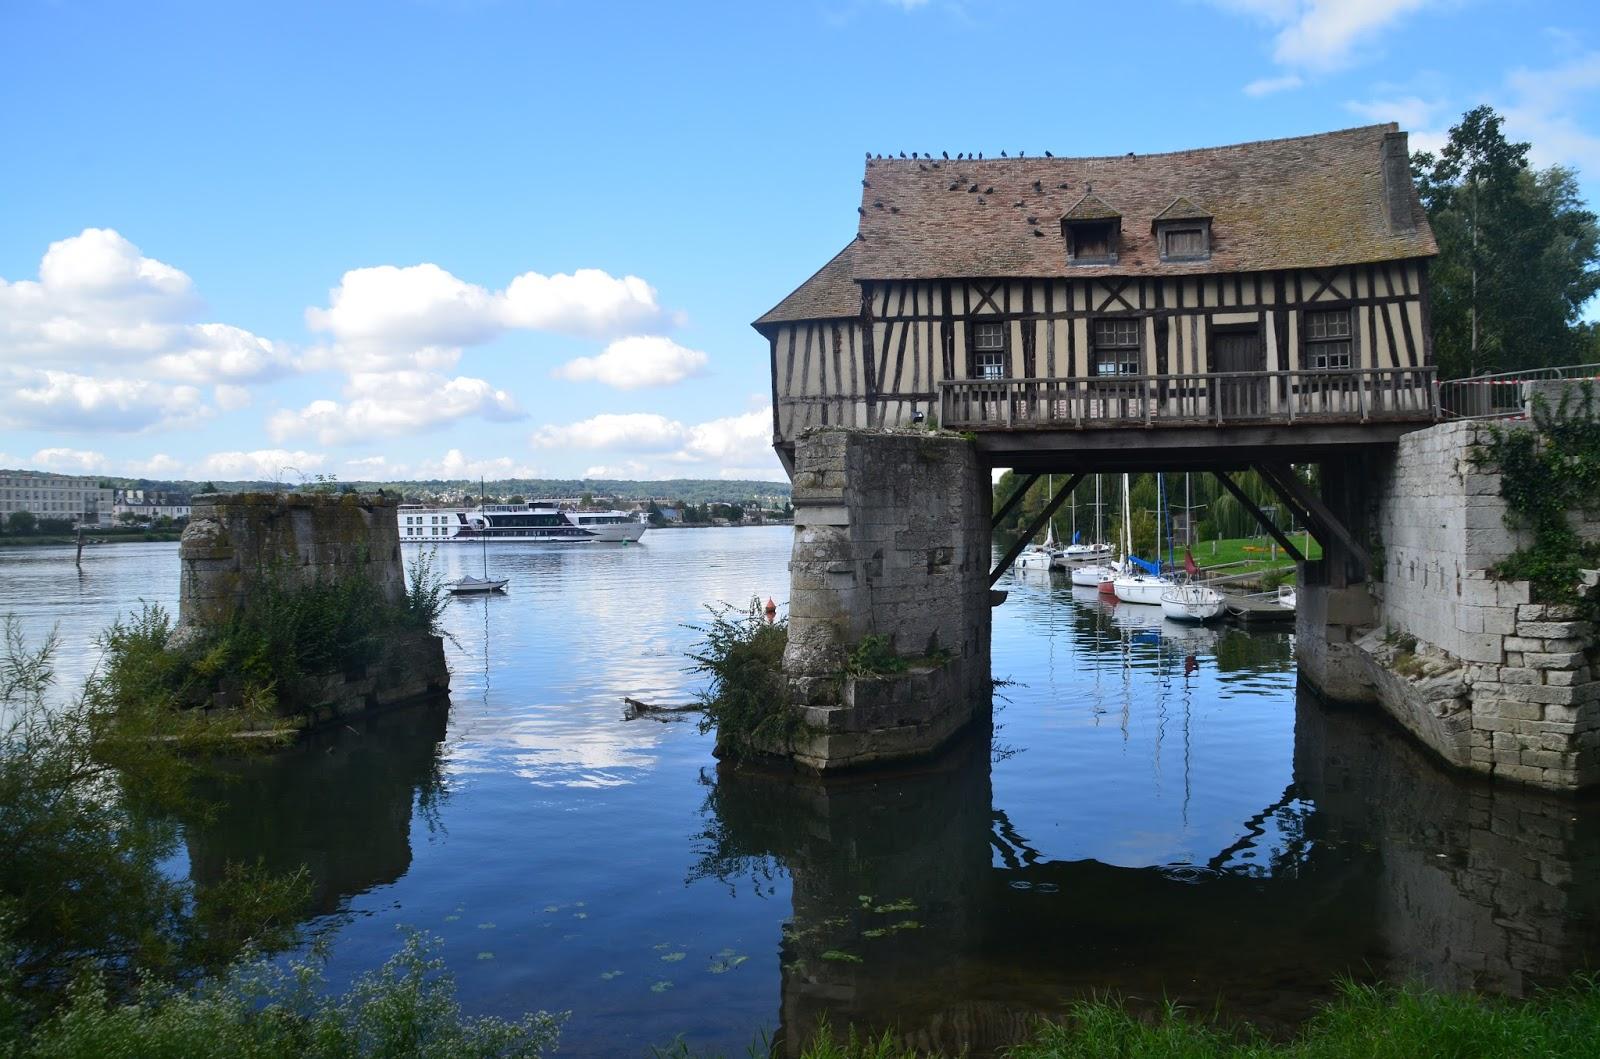 Vexin, Giverny, Les Andelys, Roche-Guyon, Vernon